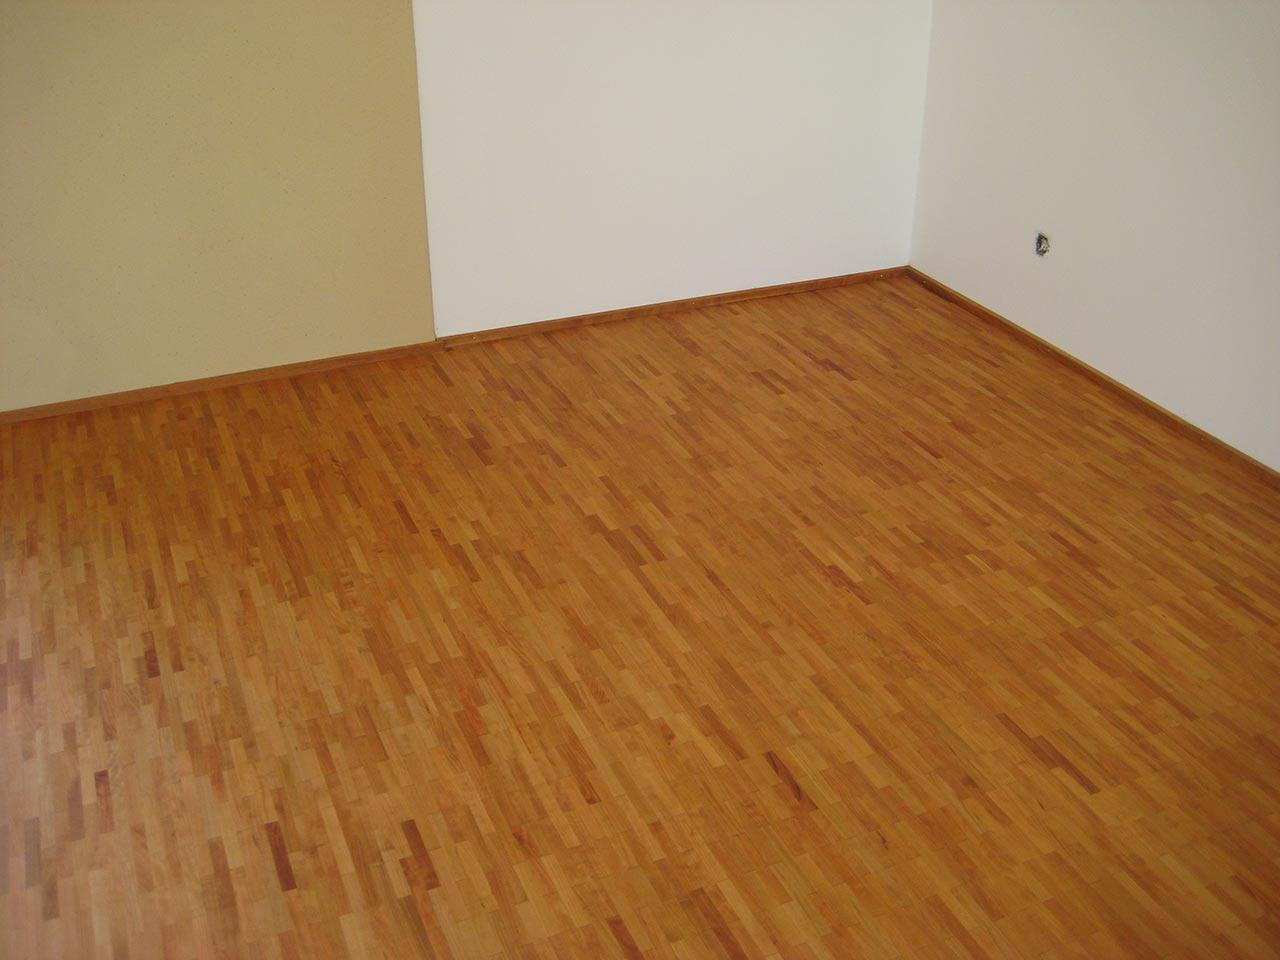 mosaikparkett amerikanisch kirschbaum rozyn parkettb den. Black Bedroom Furniture Sets. Home Design Ideas